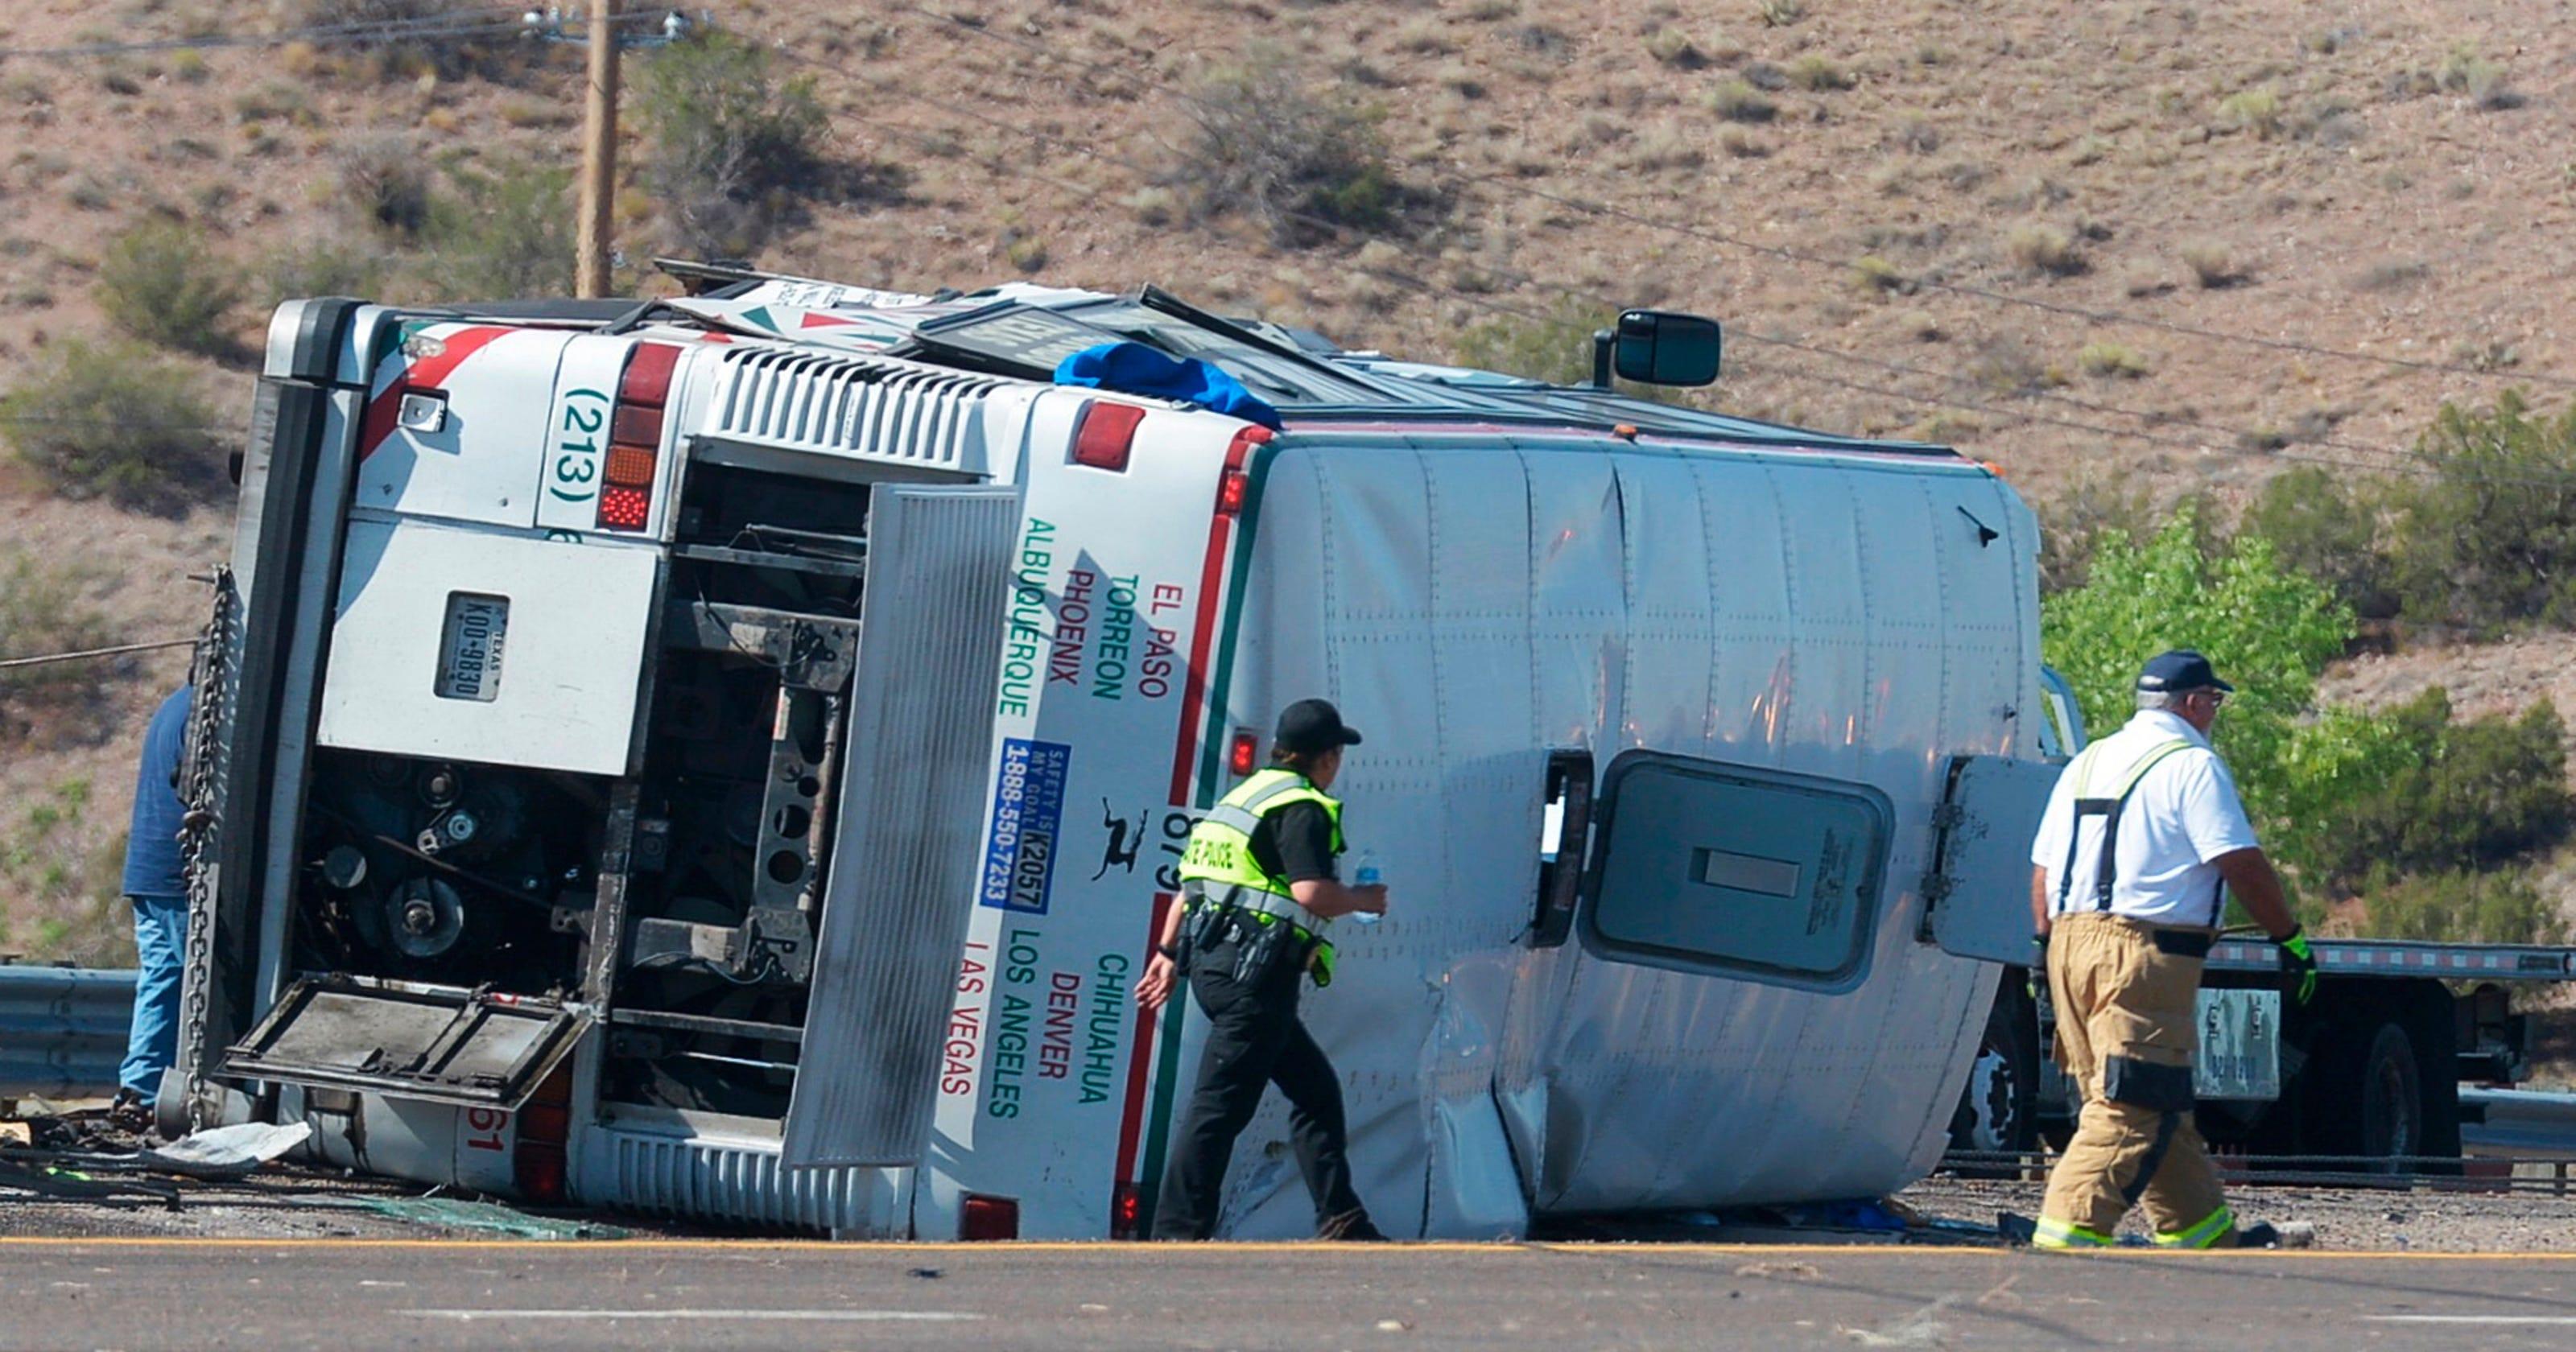 3 die in NM highway crash involving passenger bus headed to El Paso